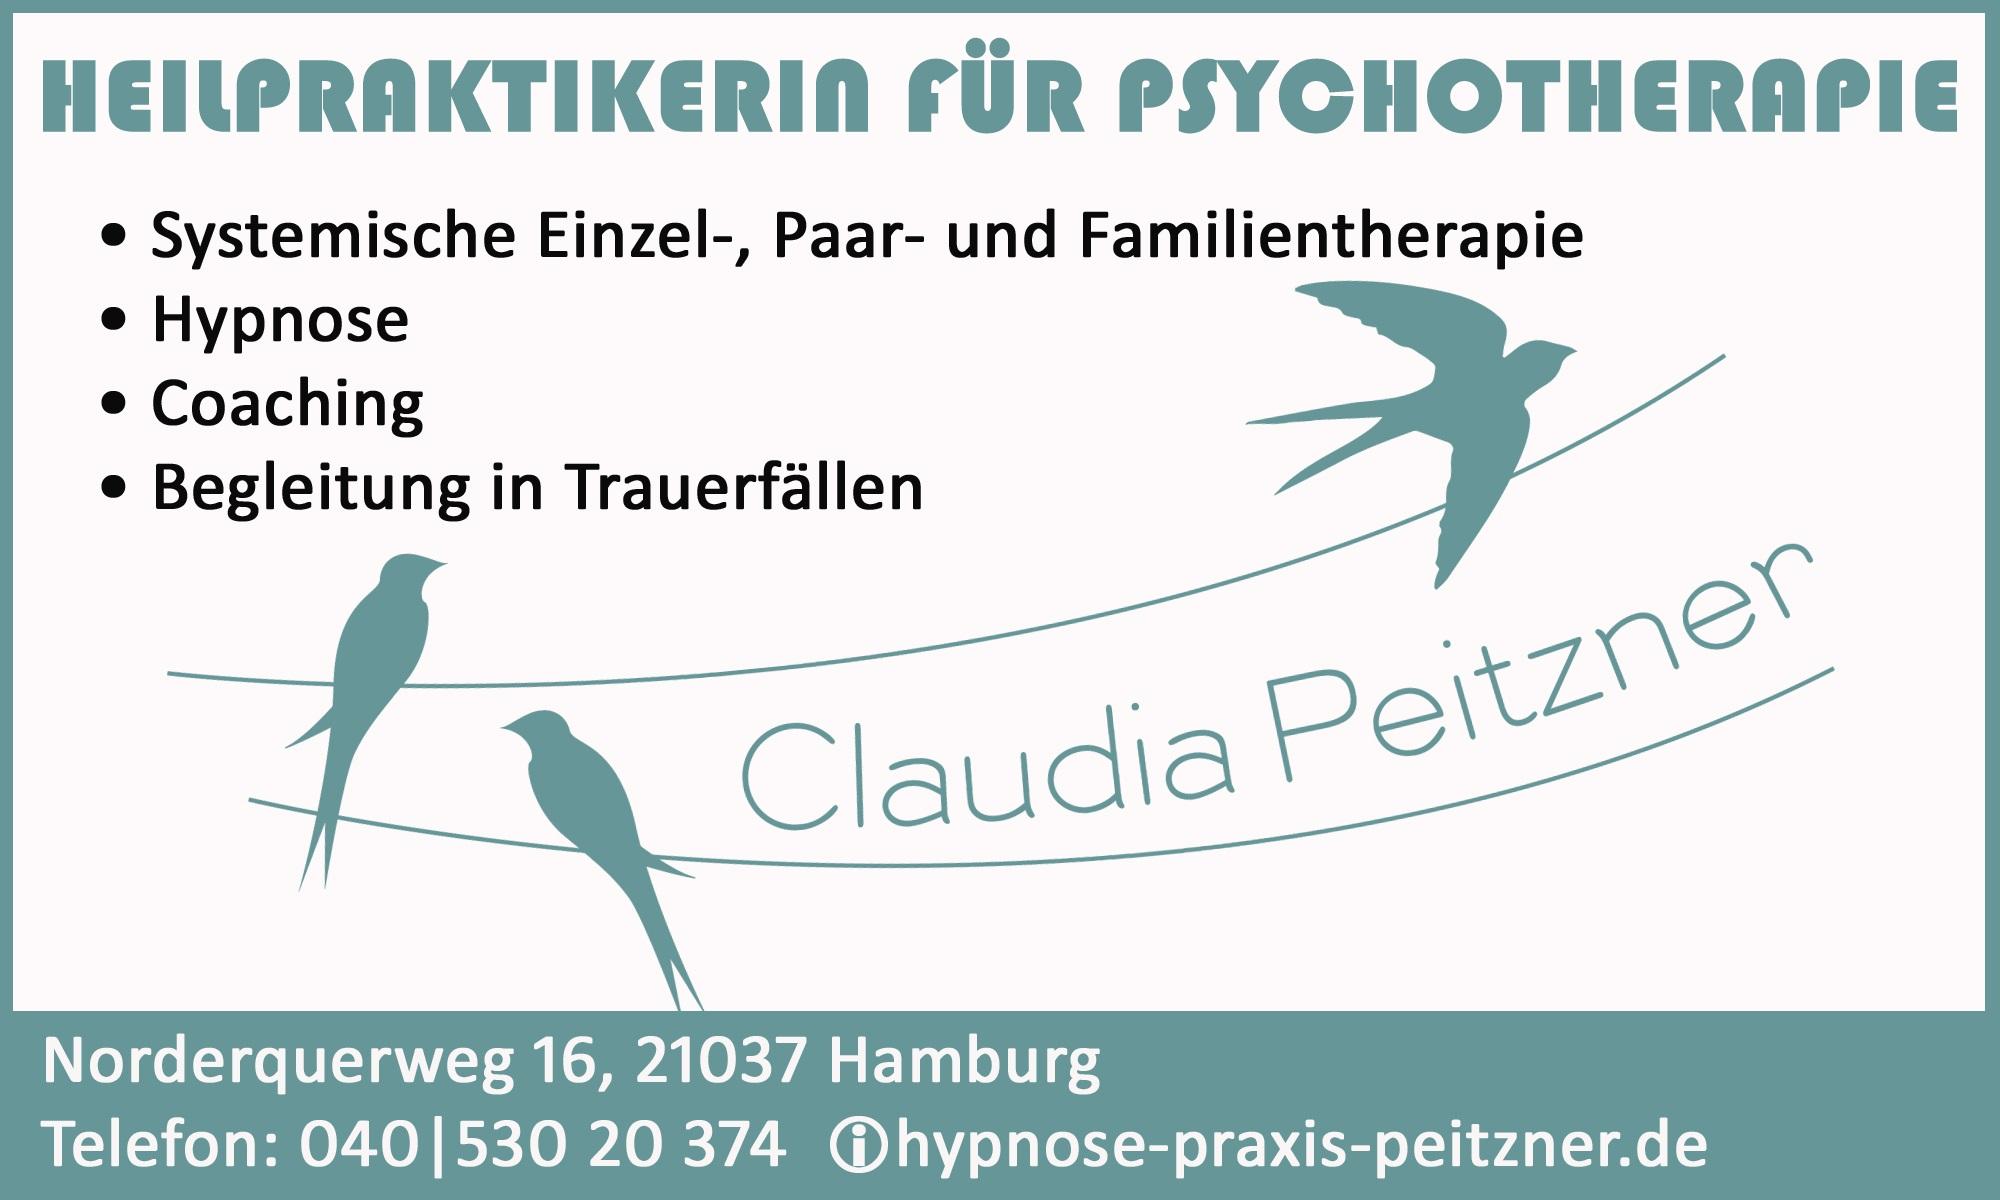 Claudia Peitzner, Heilpraktikerin für Psychotherapie, Therapie, Coaching, Angst, Ängste, Trauerbegleitung, Hypnose, Psychoonkologische Beratung, Trauercafe, Kirchwerder, Hamburg, Angstzustände, Selbstwert, Konfliktbewältigung